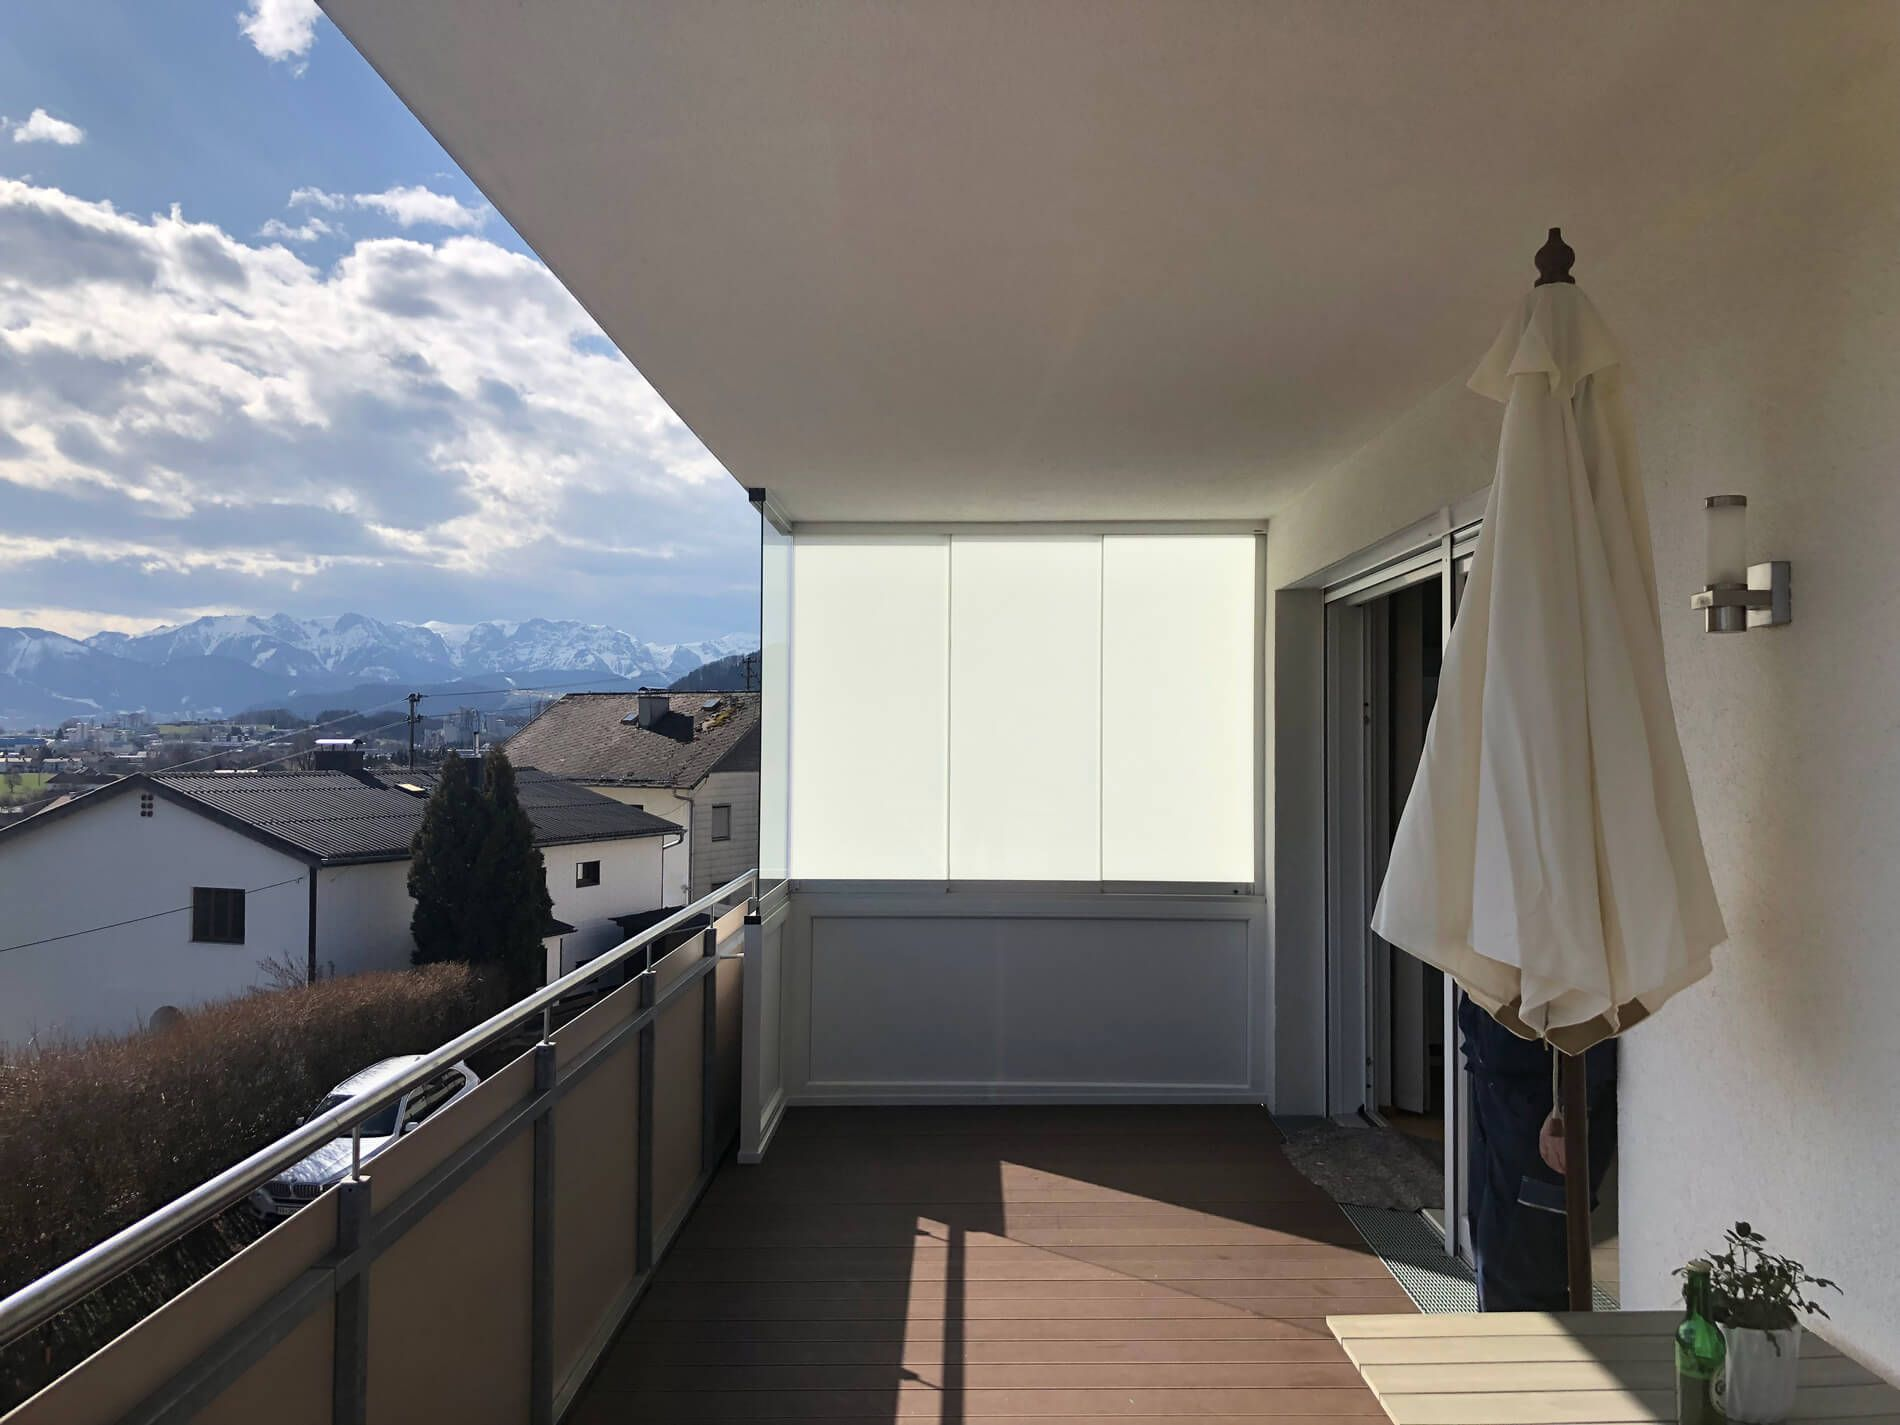 Balkonverglasung Als Seitlicher Sichtschutz Sichtschutz Fenster